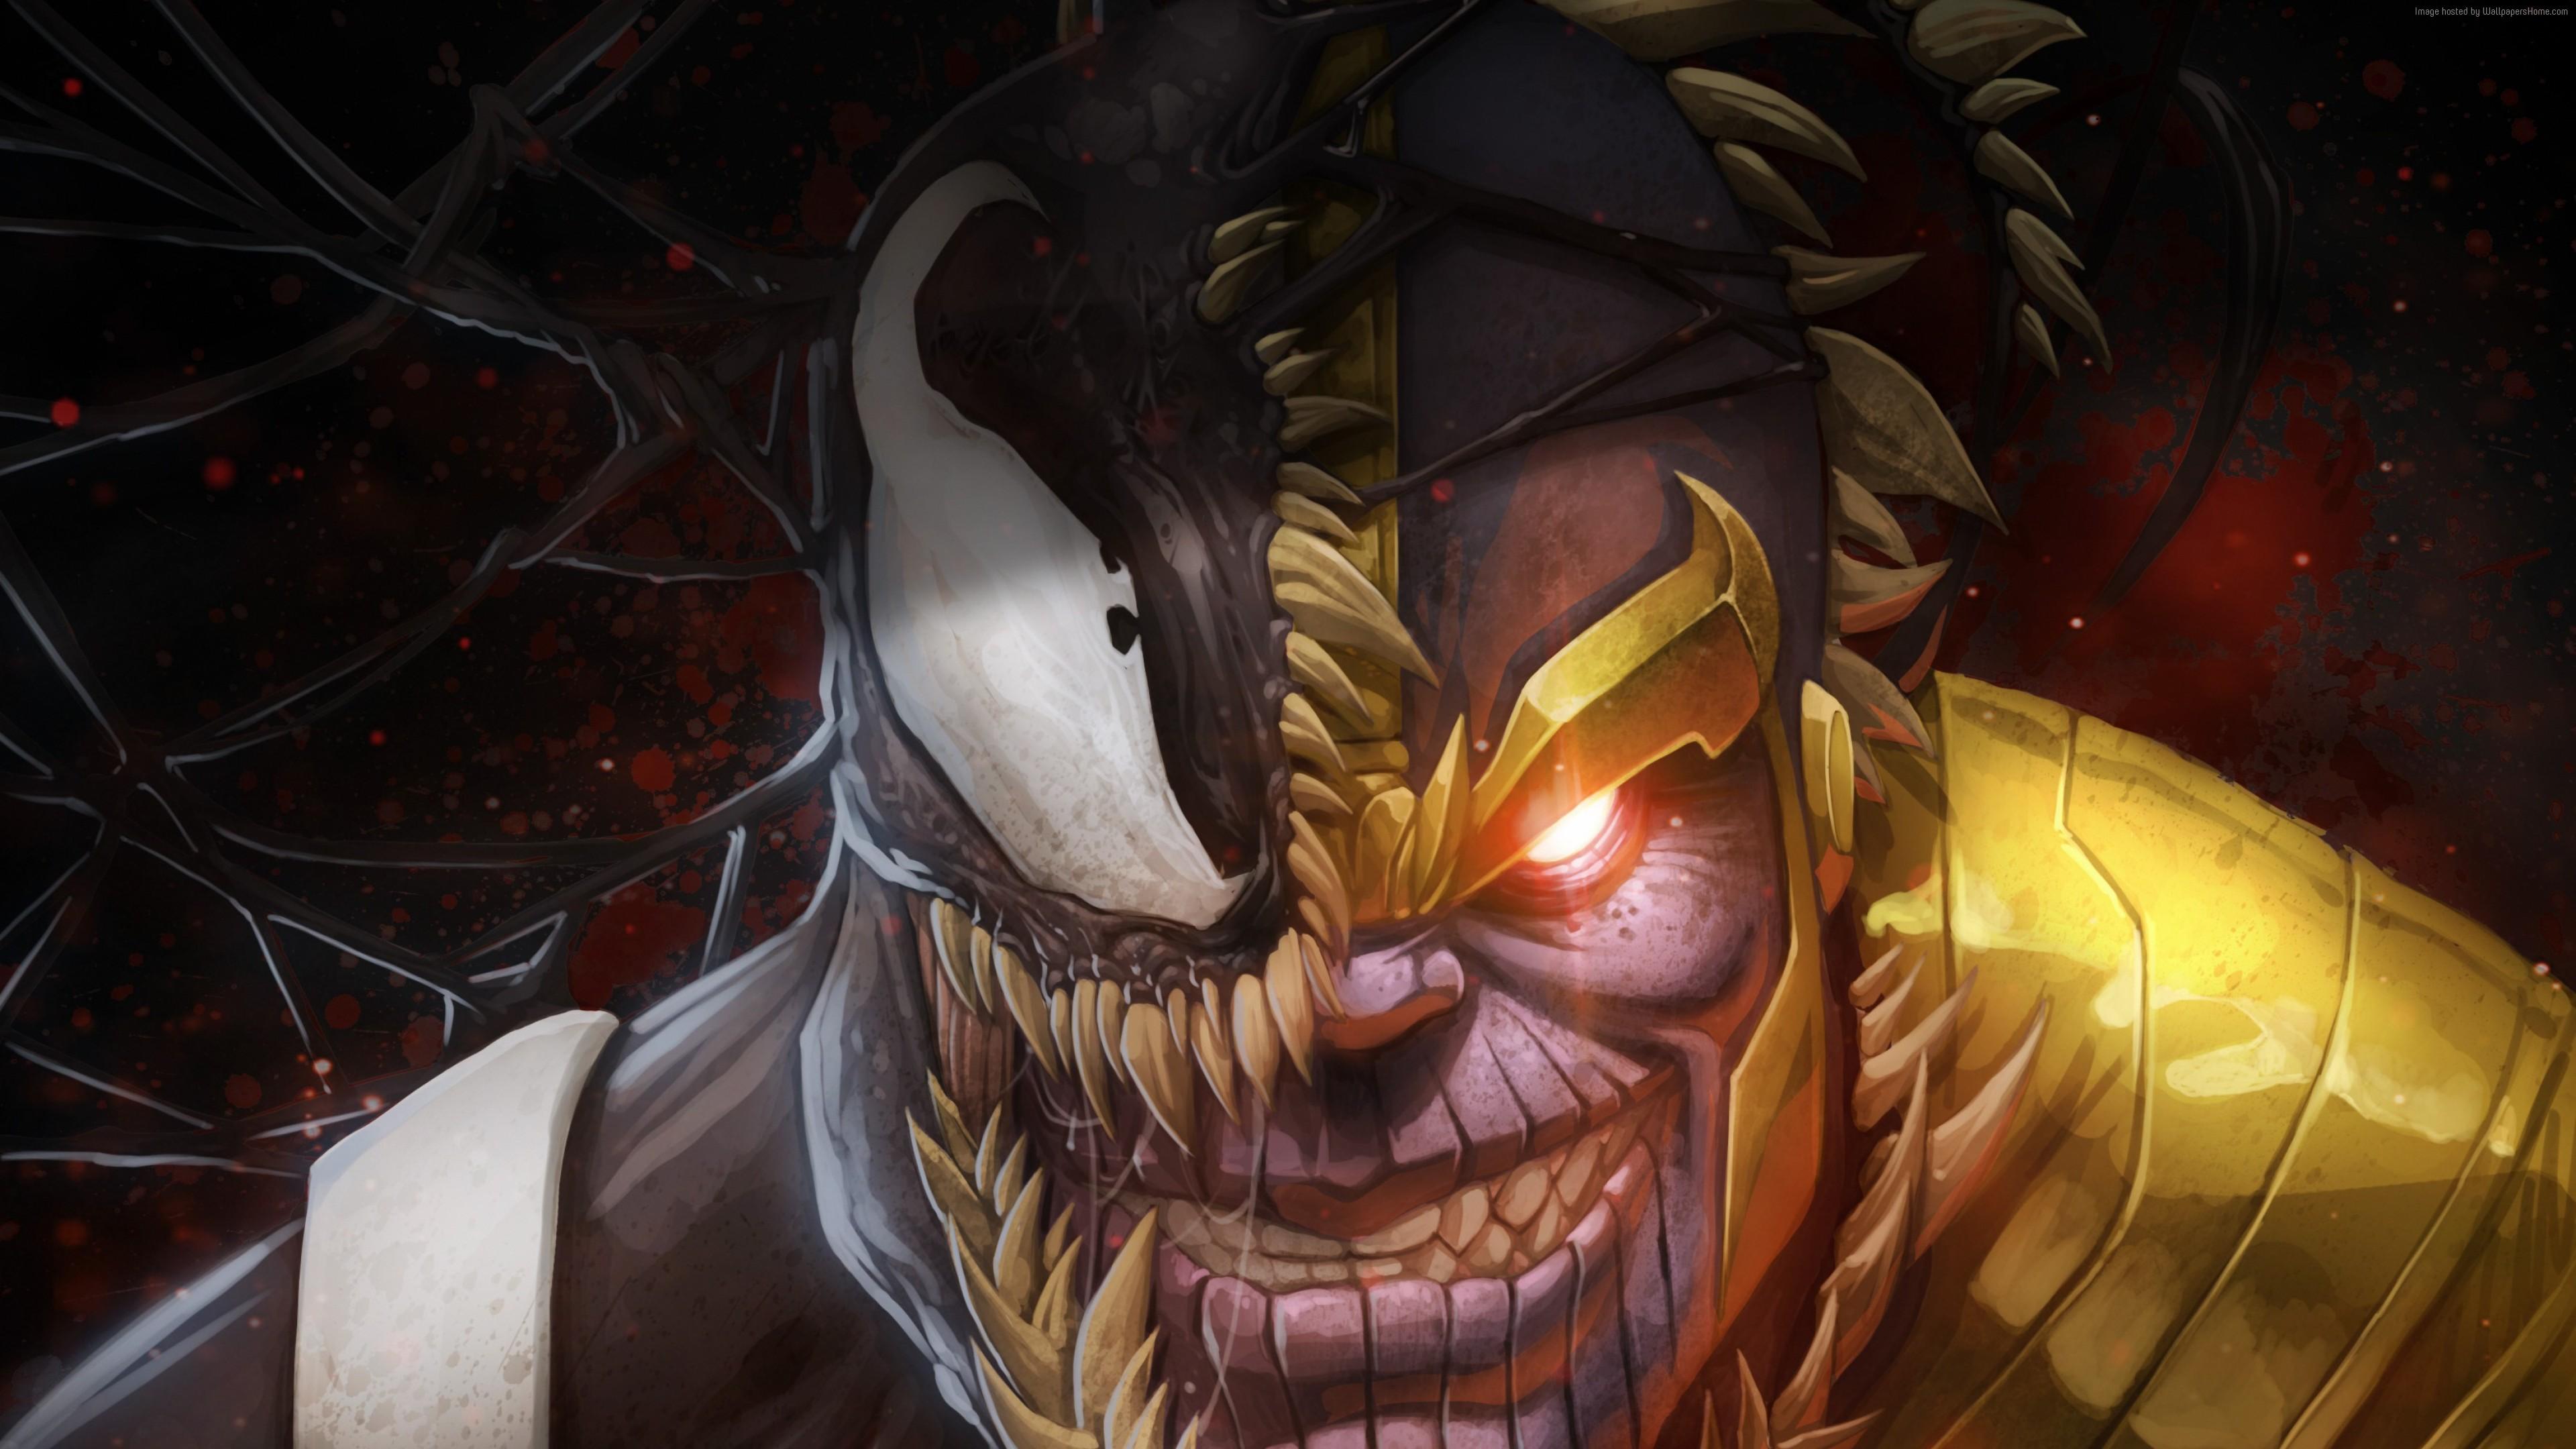 Wallpaper Marvel Comics Thanos Venom 4k Art Wallpaper